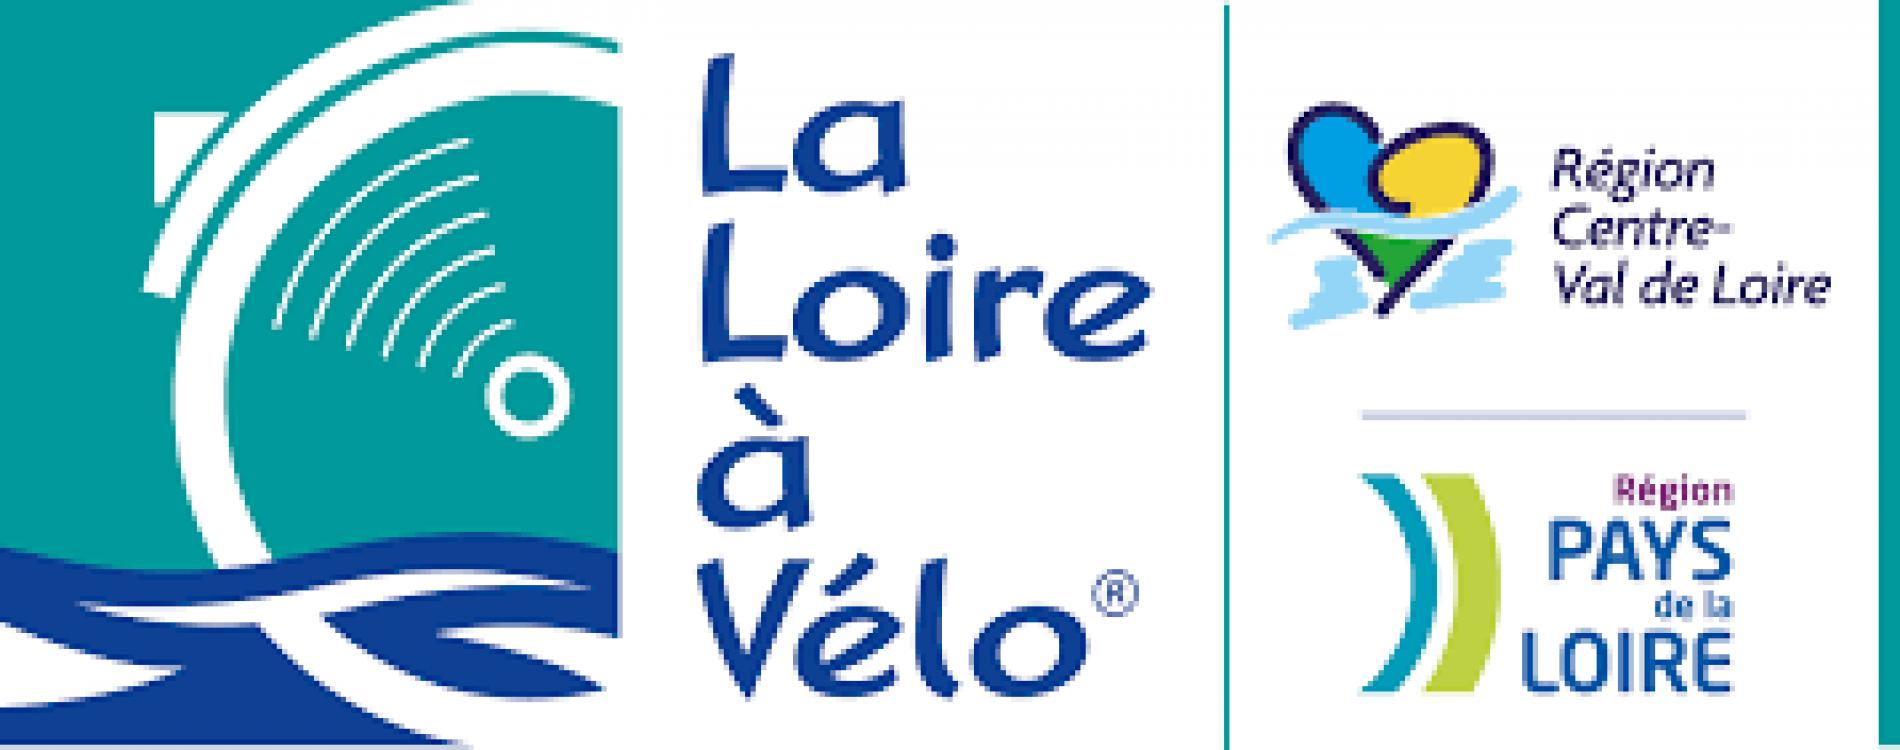 The Loire by bike